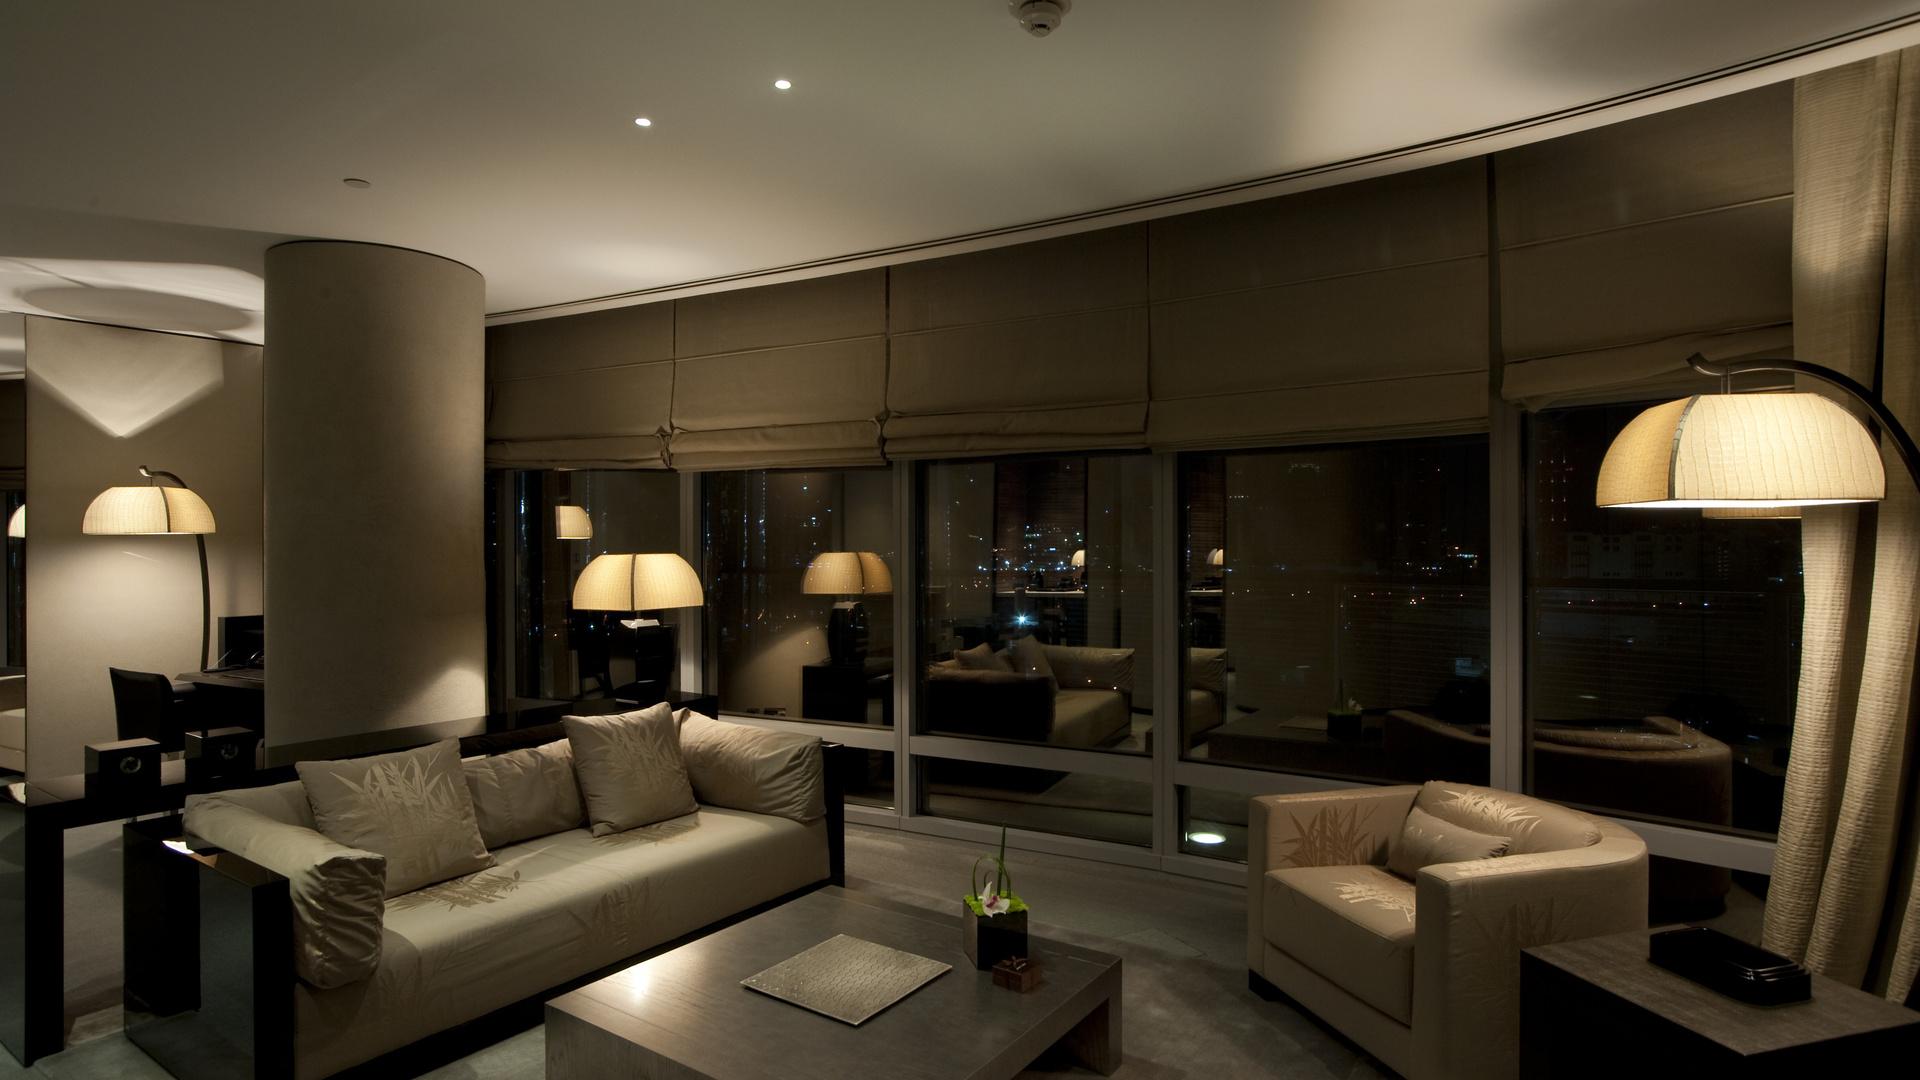 картинки интерьера квартиры дома стоимостью репортажной съемки